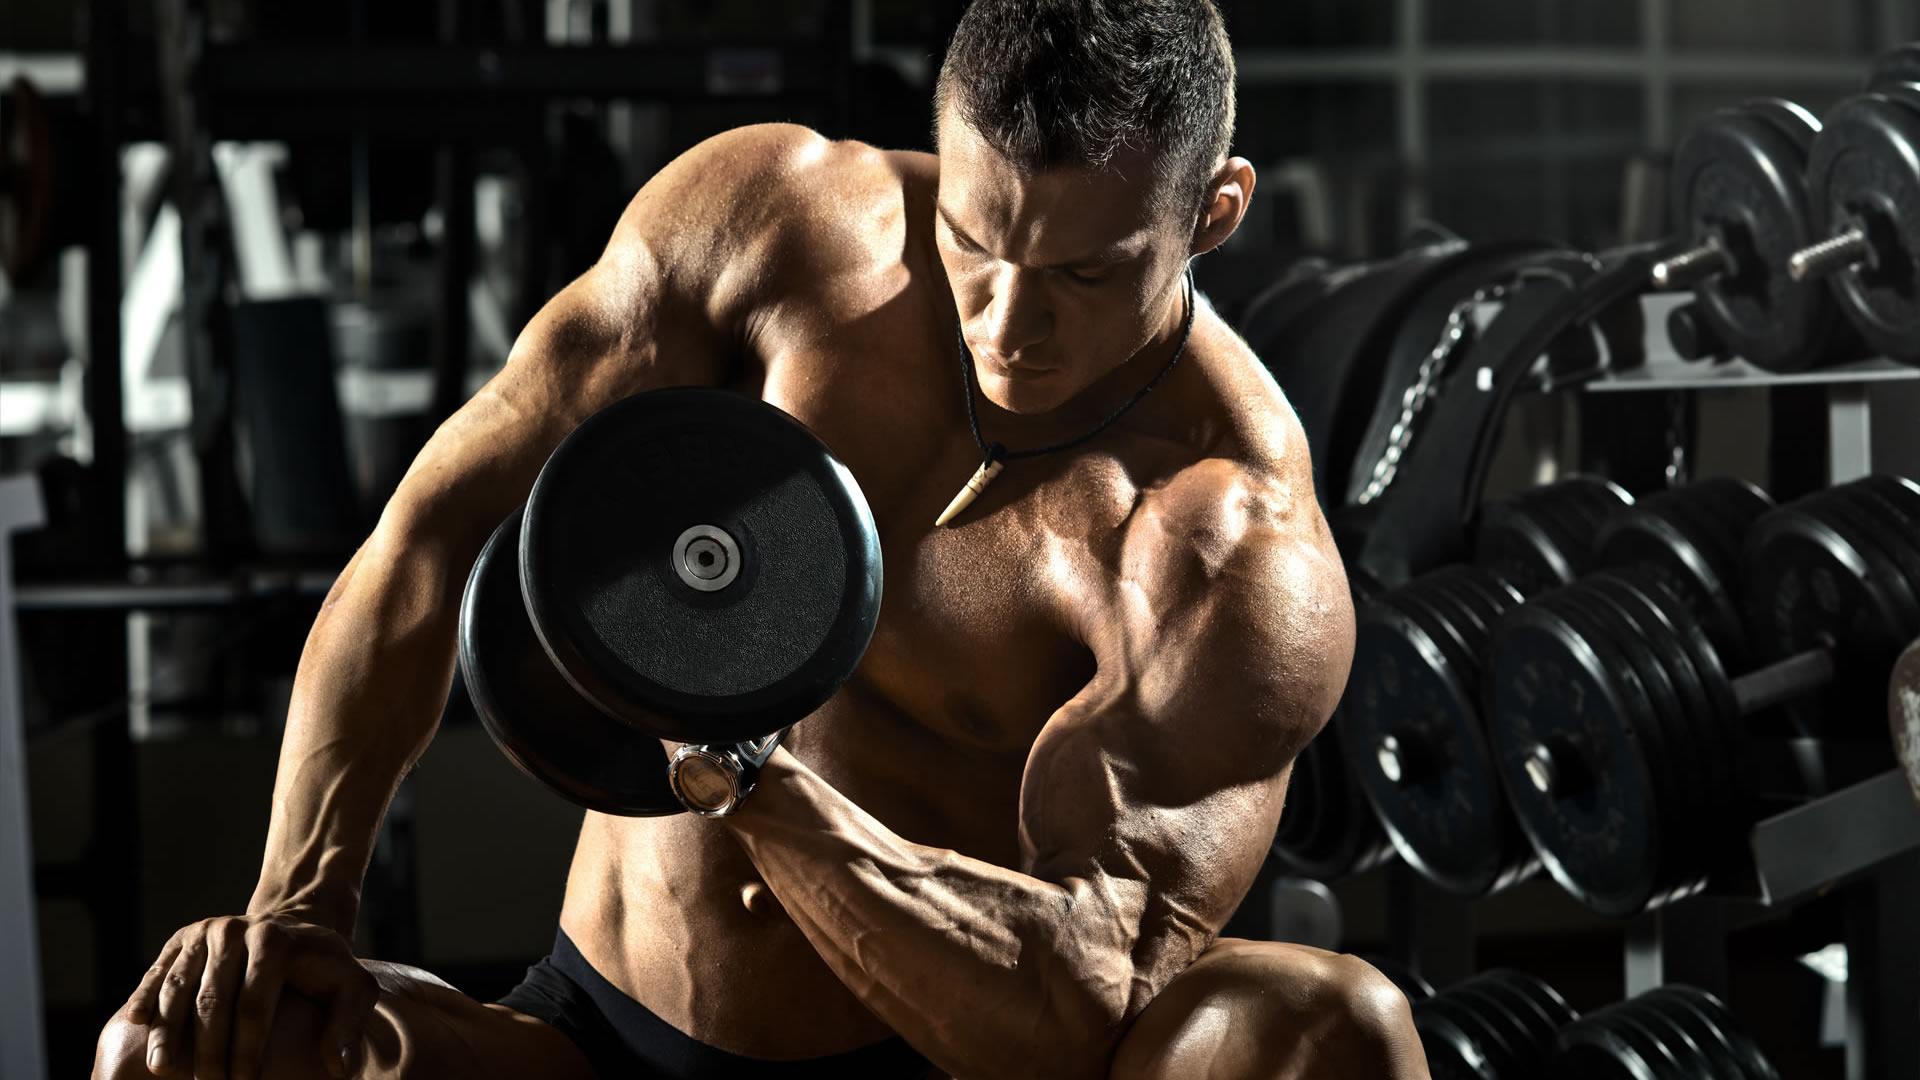 Как определить рабочий вес: для начинающих спортсменов - trainingbody